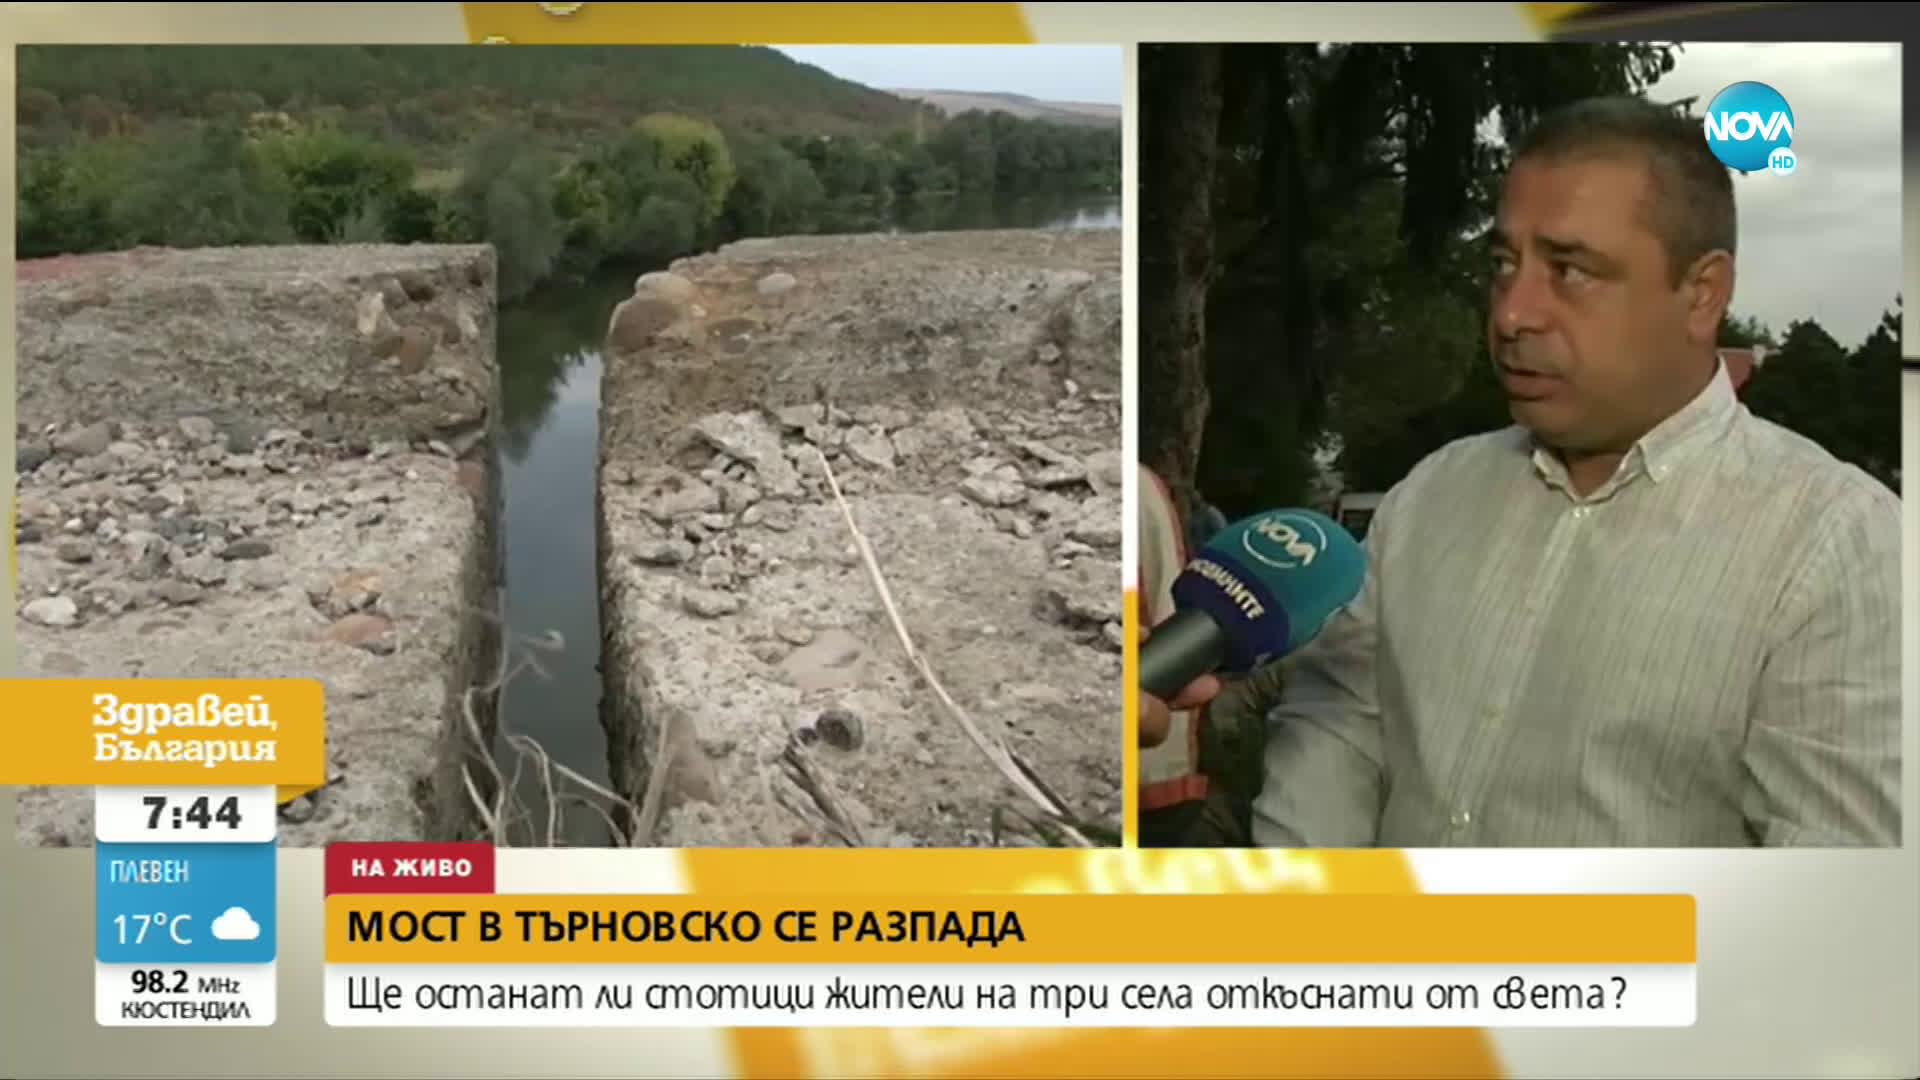 Мост в Търновско се разпада, стотици могат да останат откъснати от света